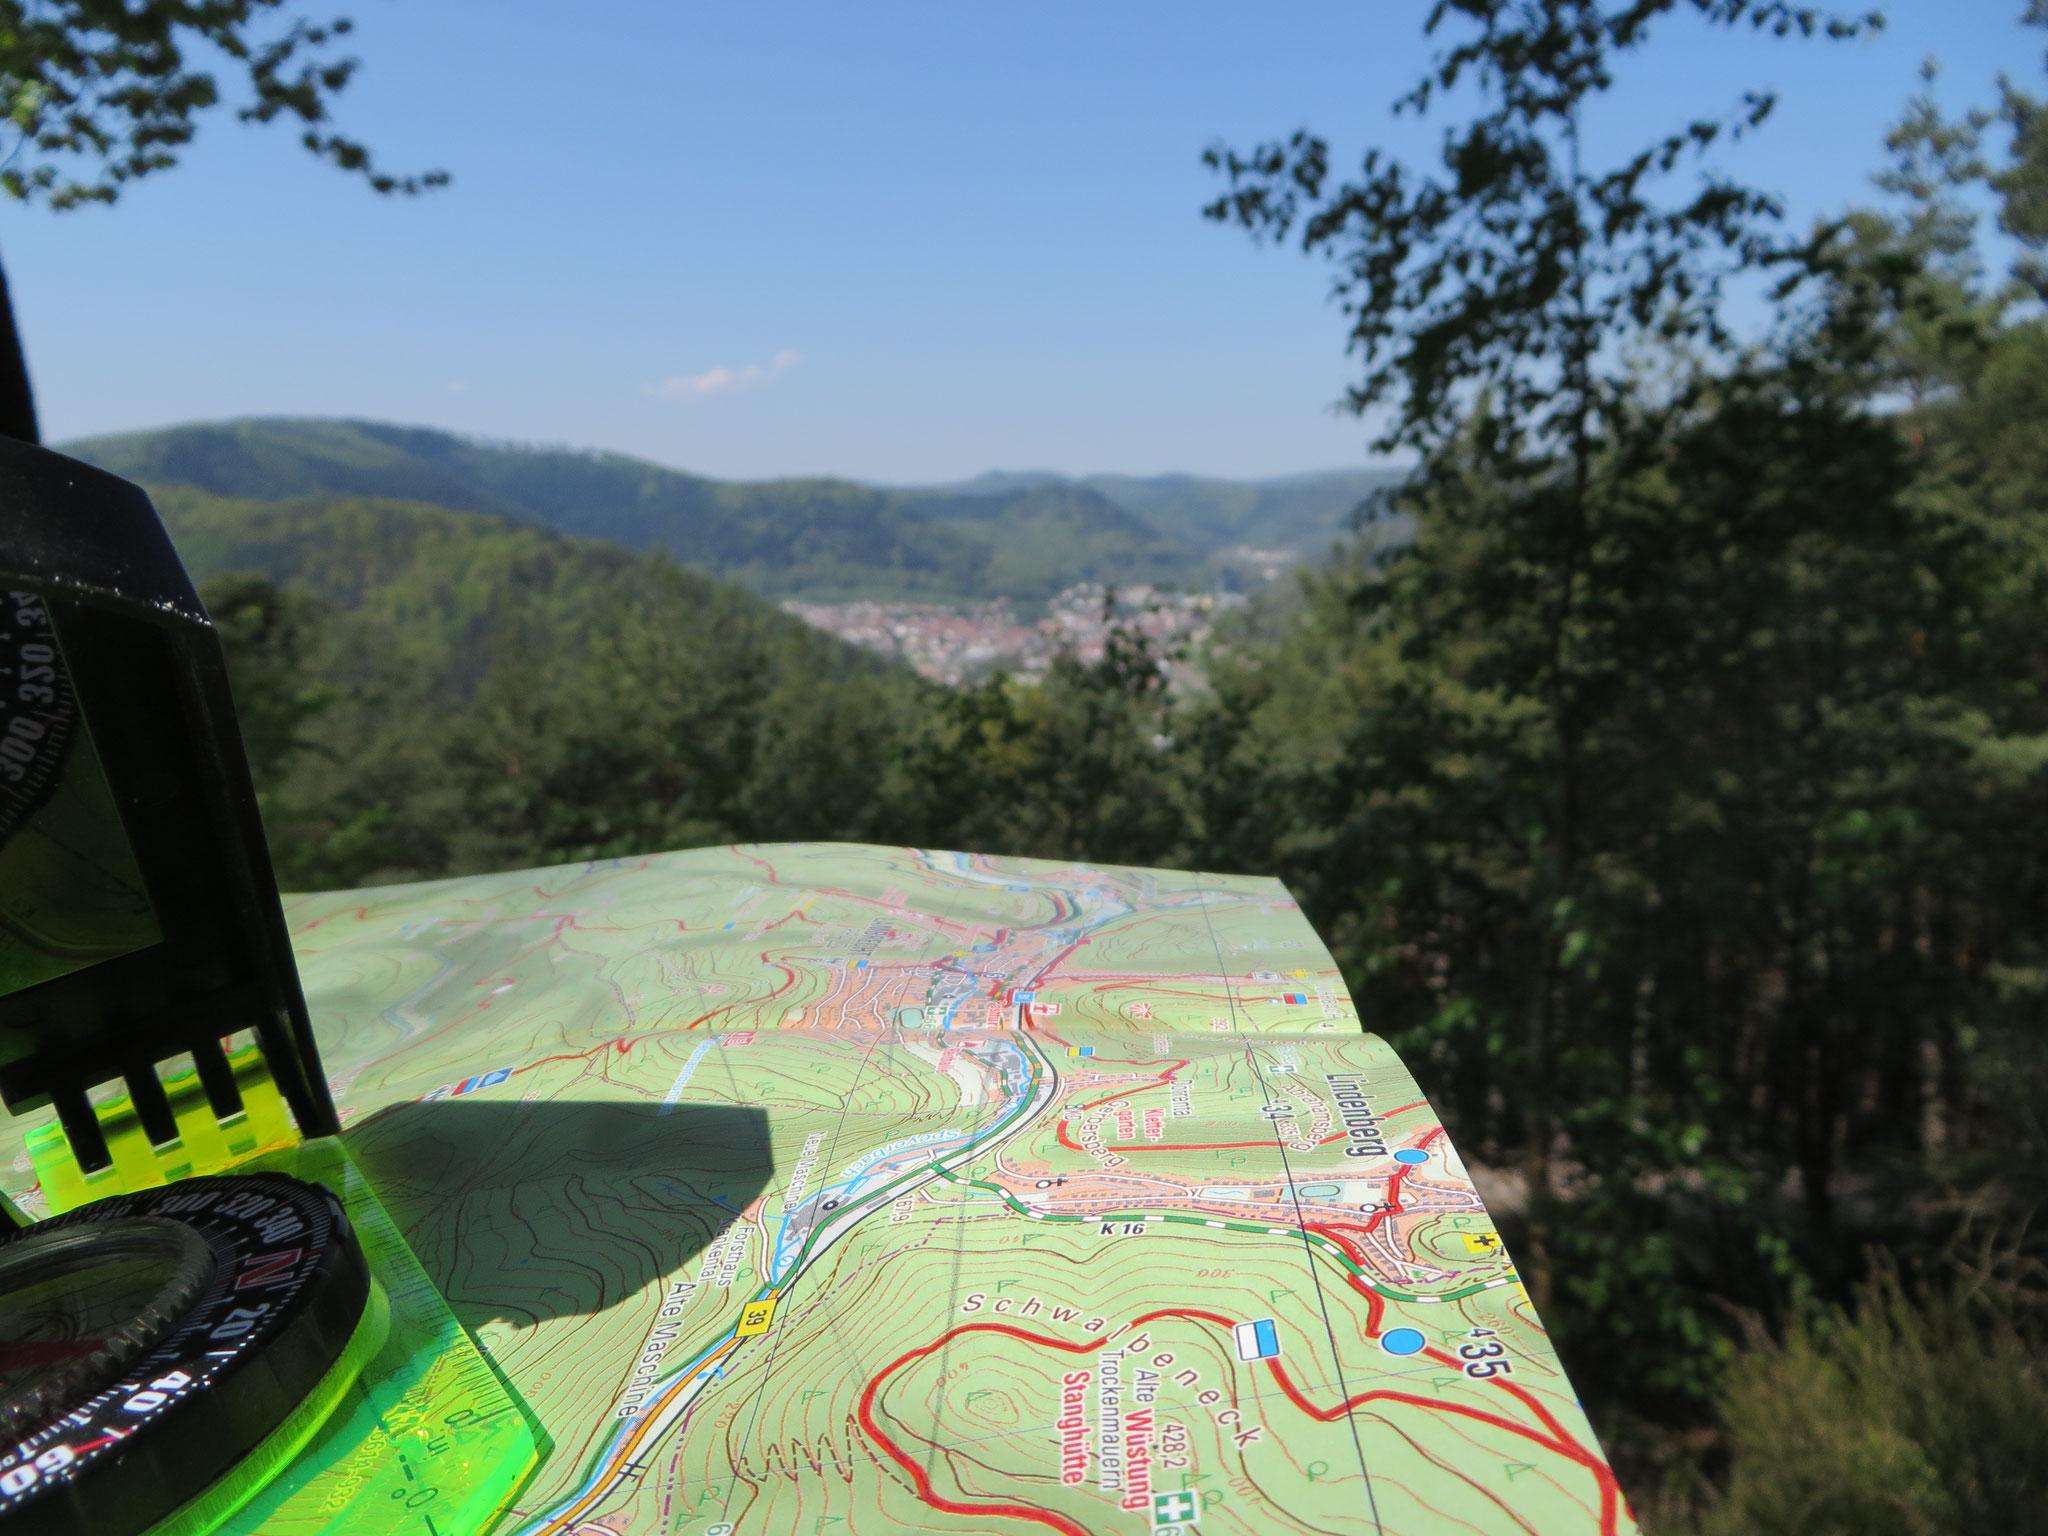 Kartenabgleich im Pfälzer Wald (2016)